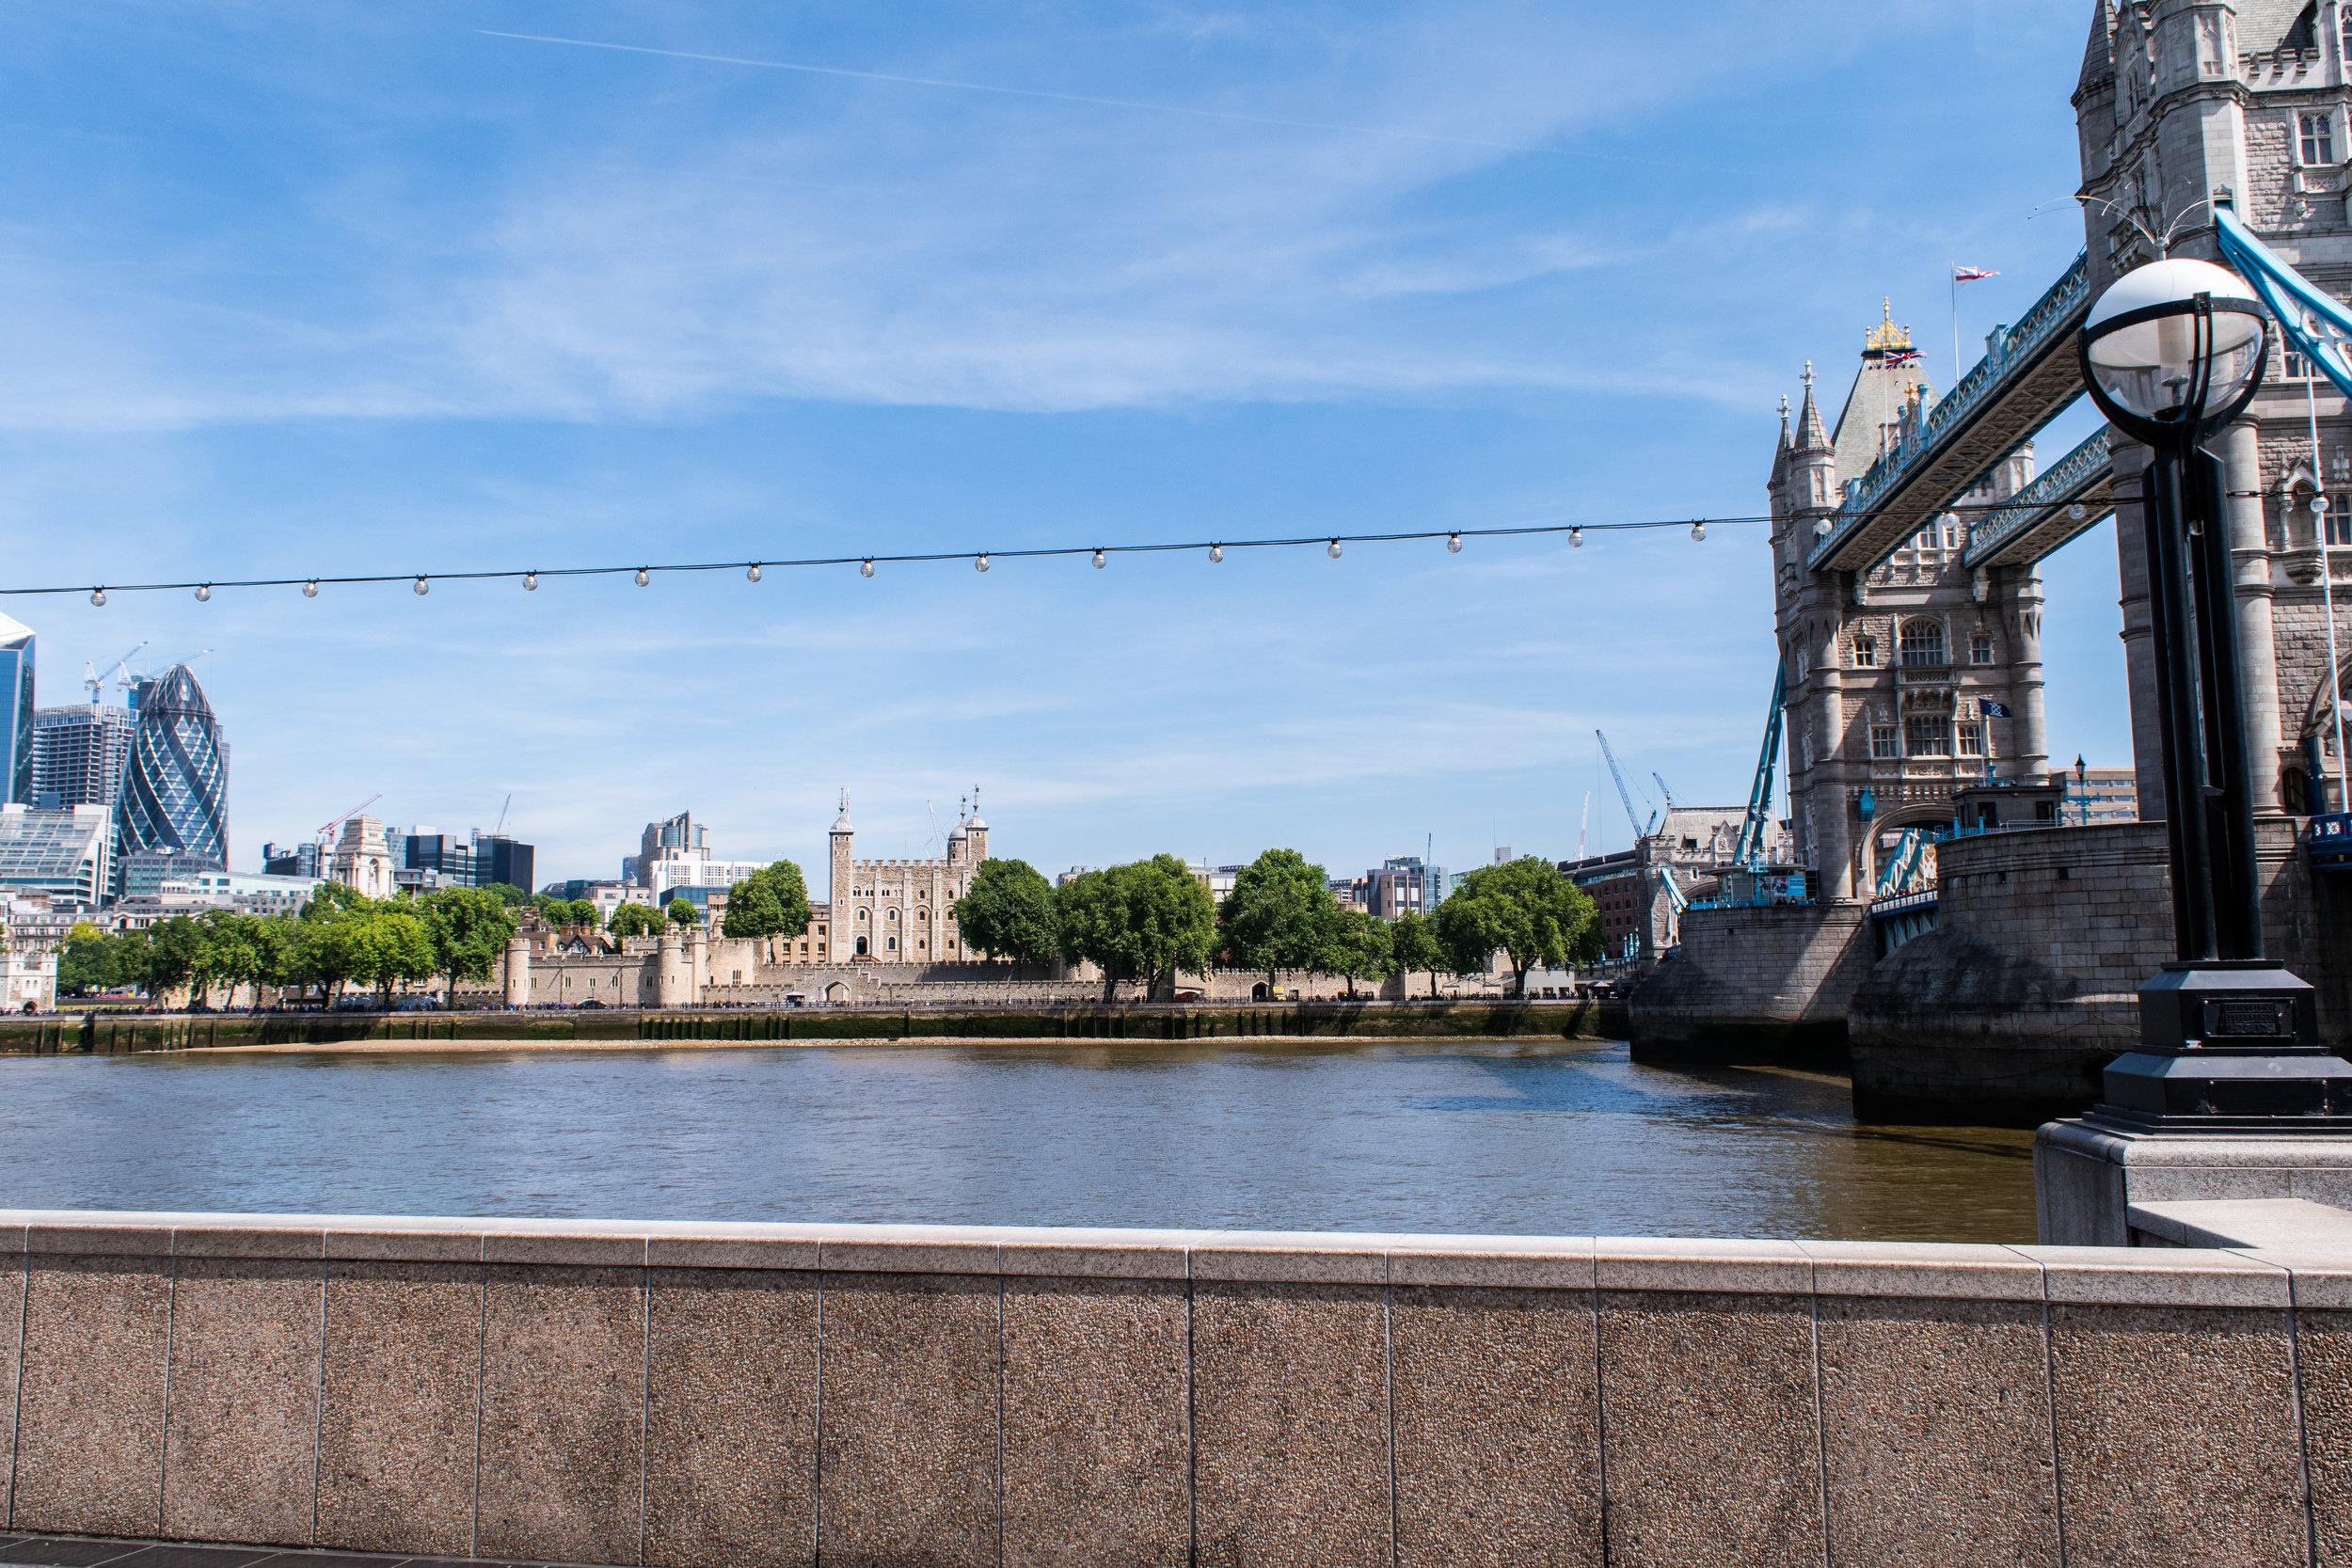 tower bridge 5 jpg.jpg